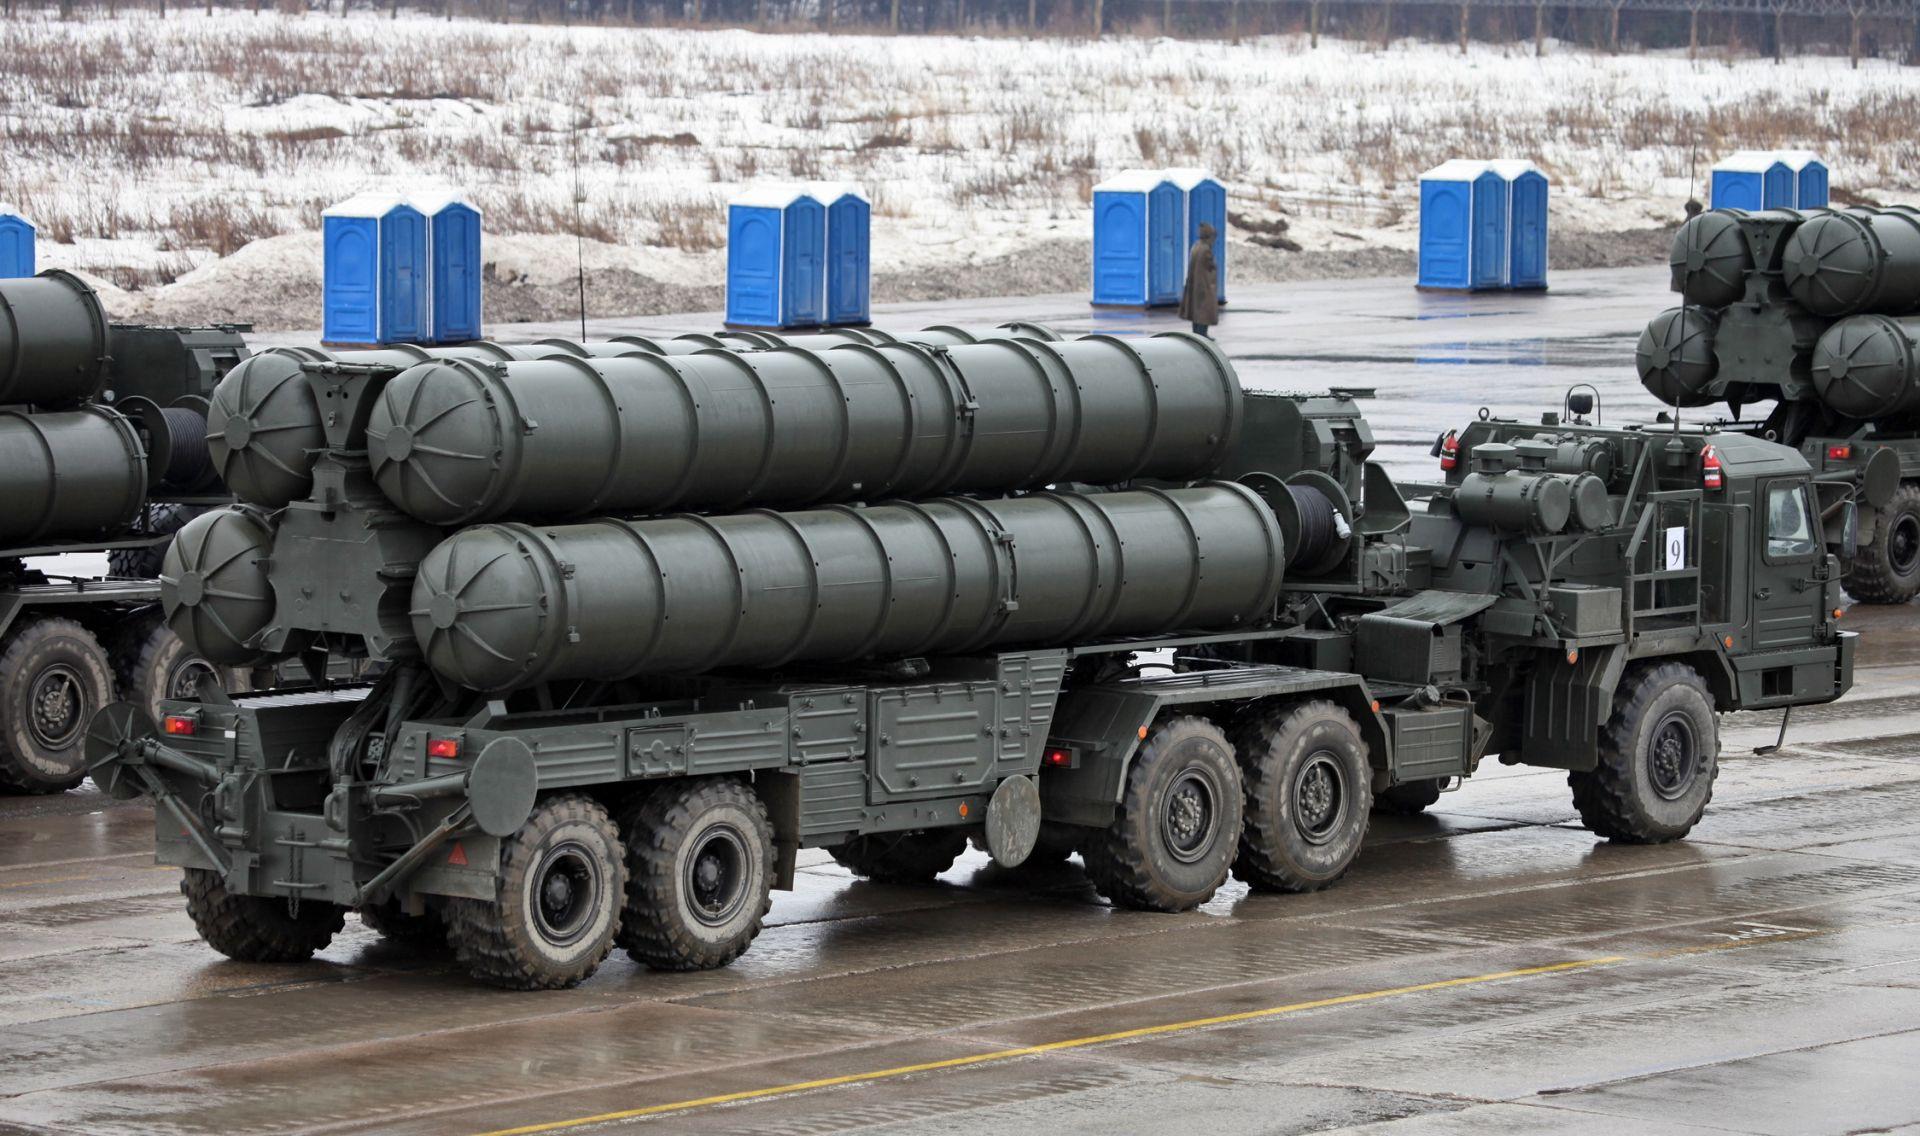 S400 SAM Missile System